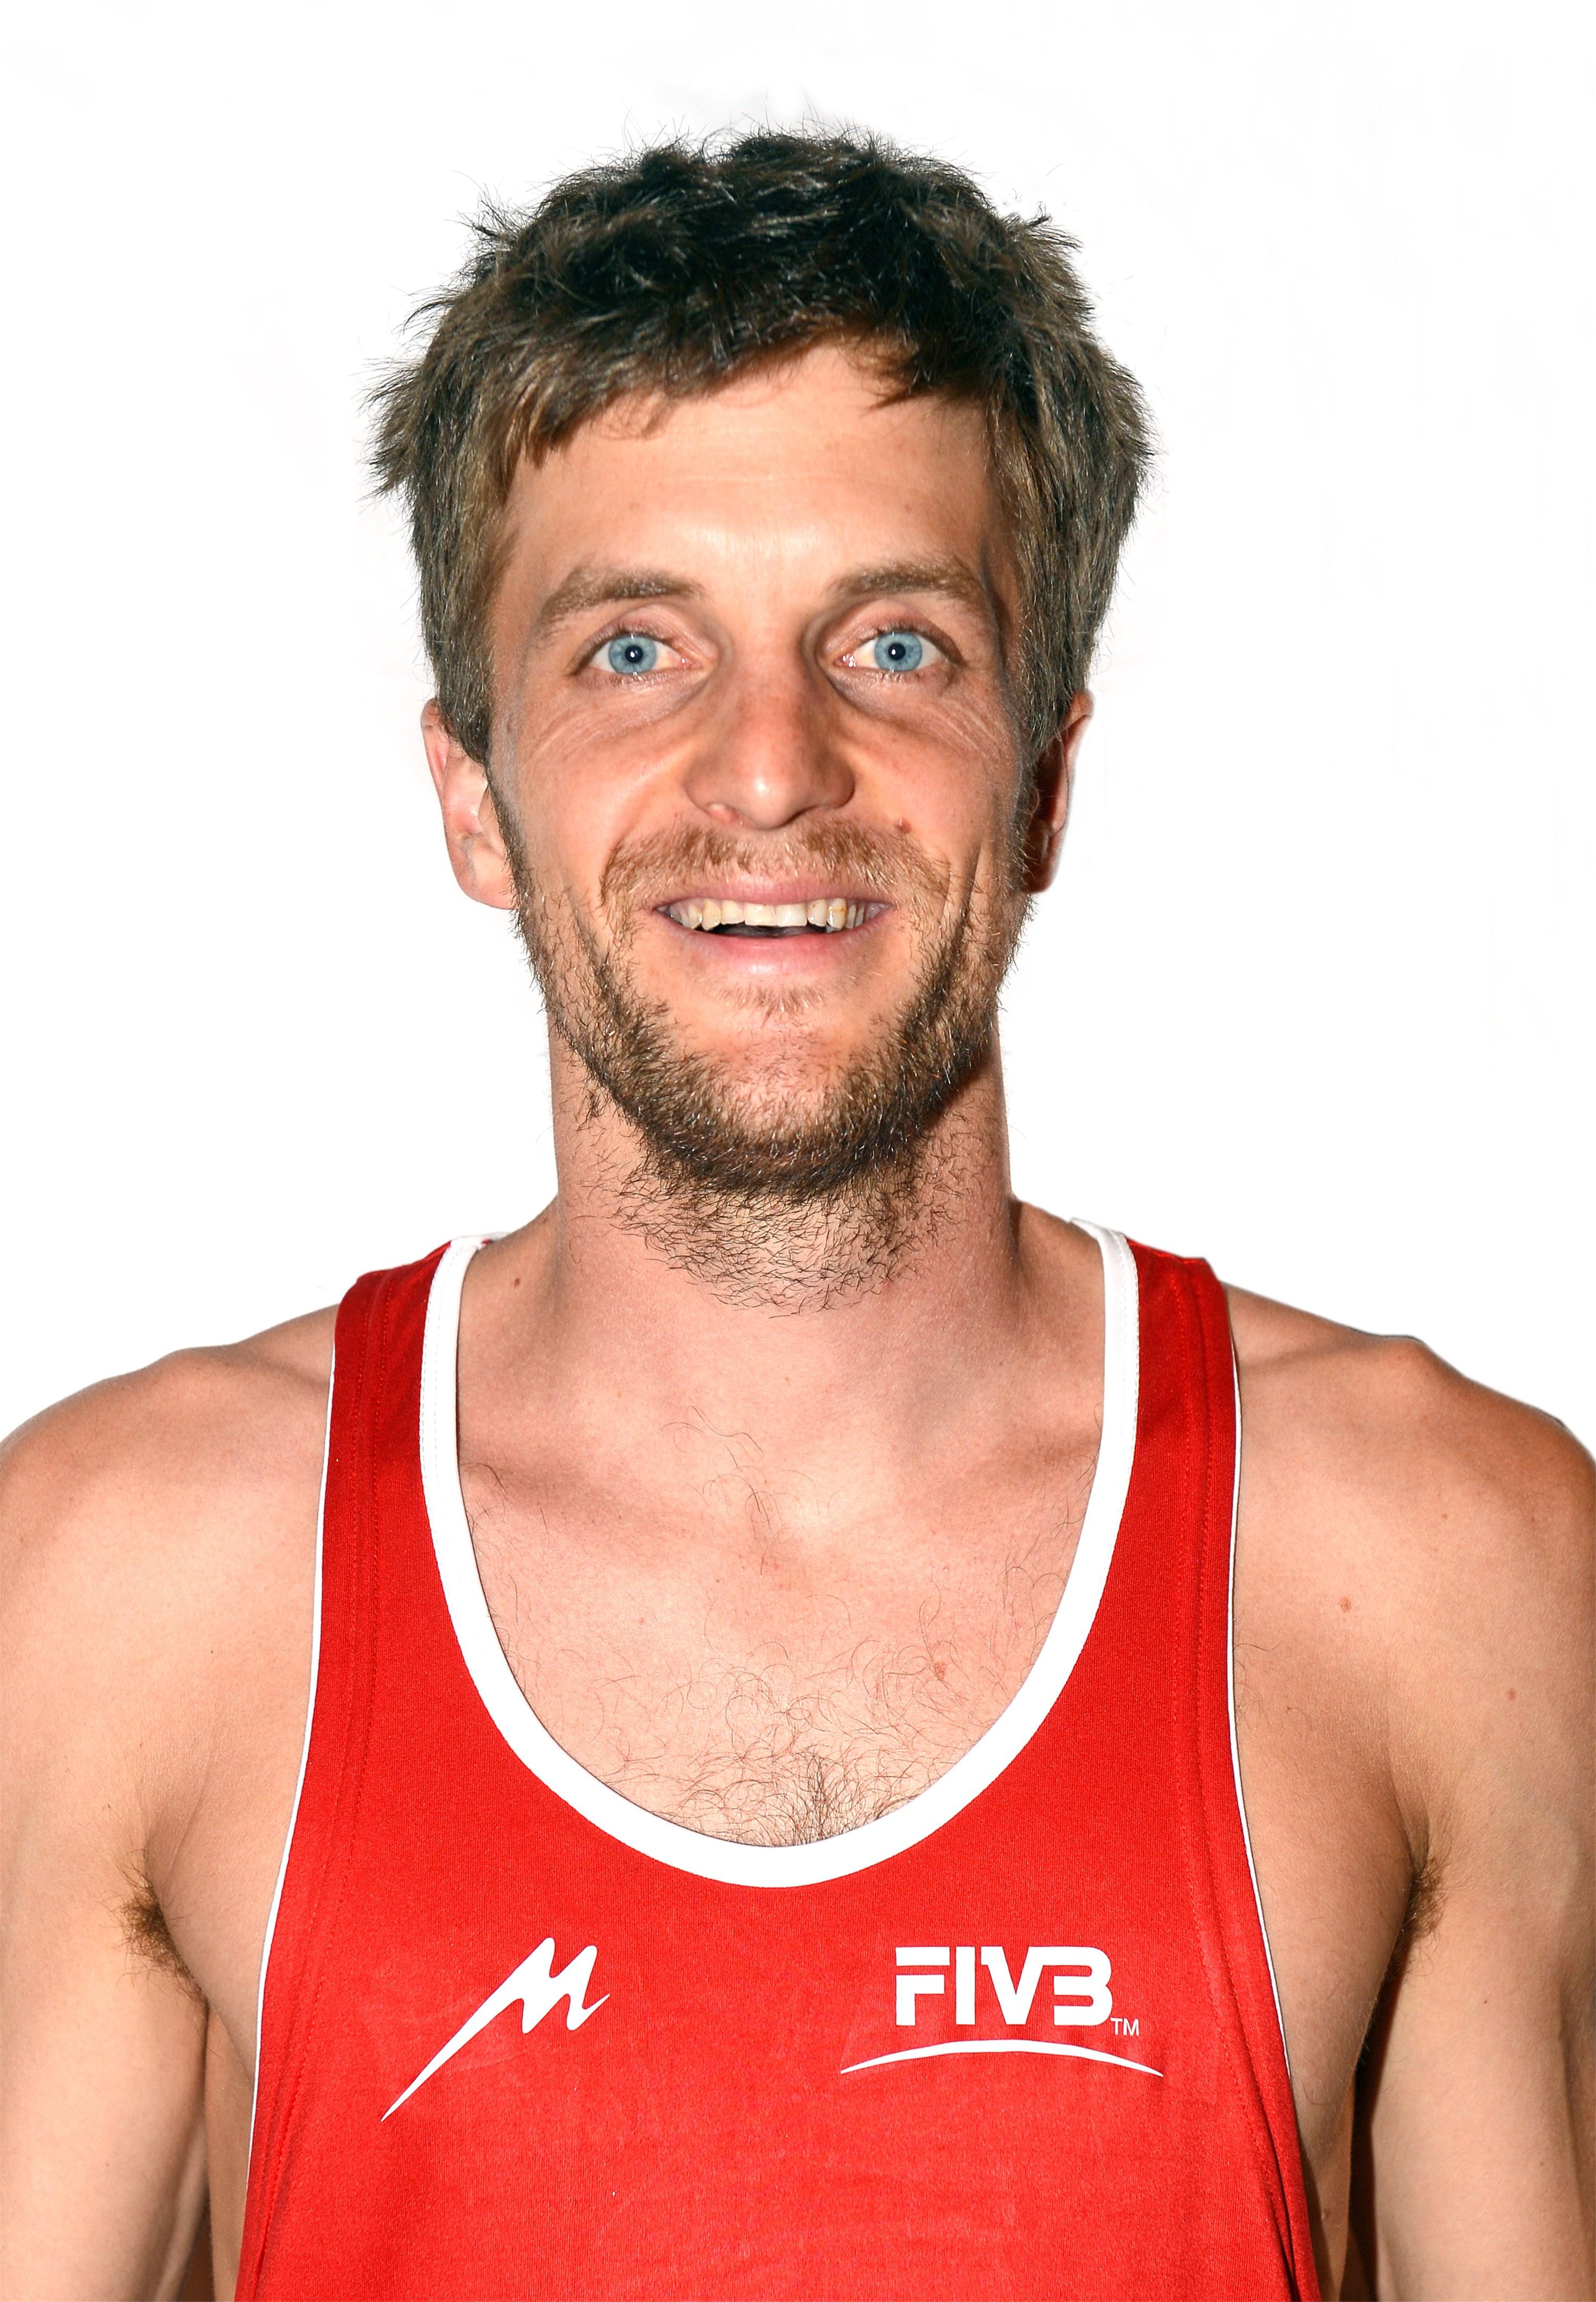 Photo of Alexander HUBER